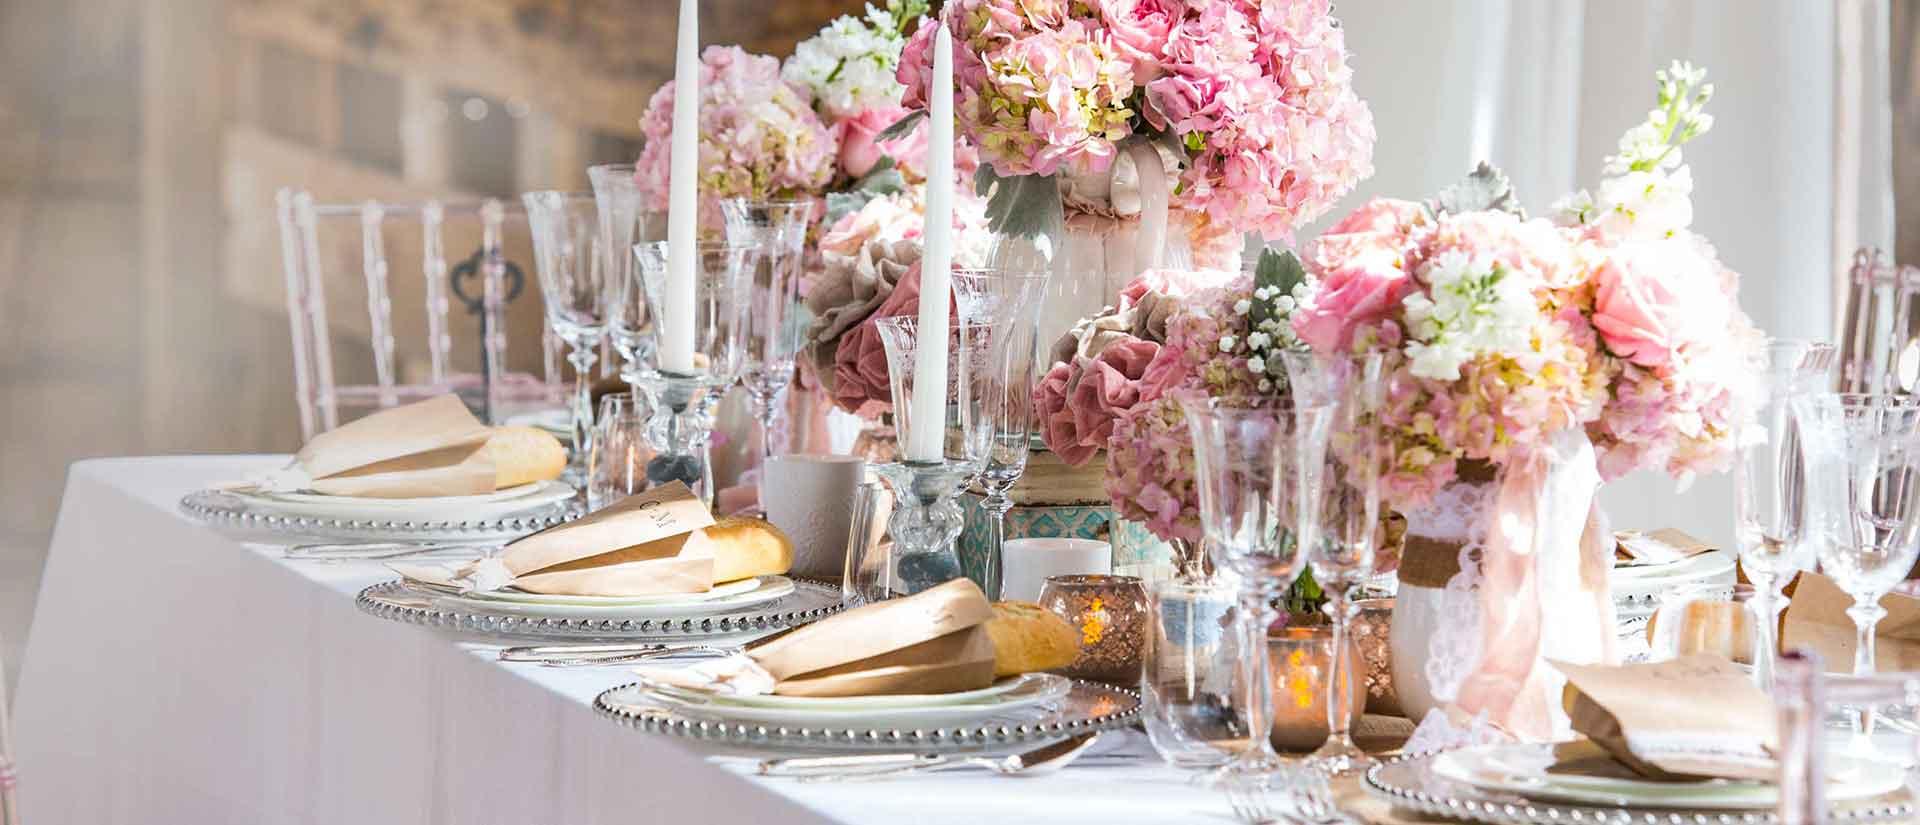 weddings_in_croatia_wedding_design_luxury_decoraton_wedding_planner_antropoti_luxury_weddings9-1